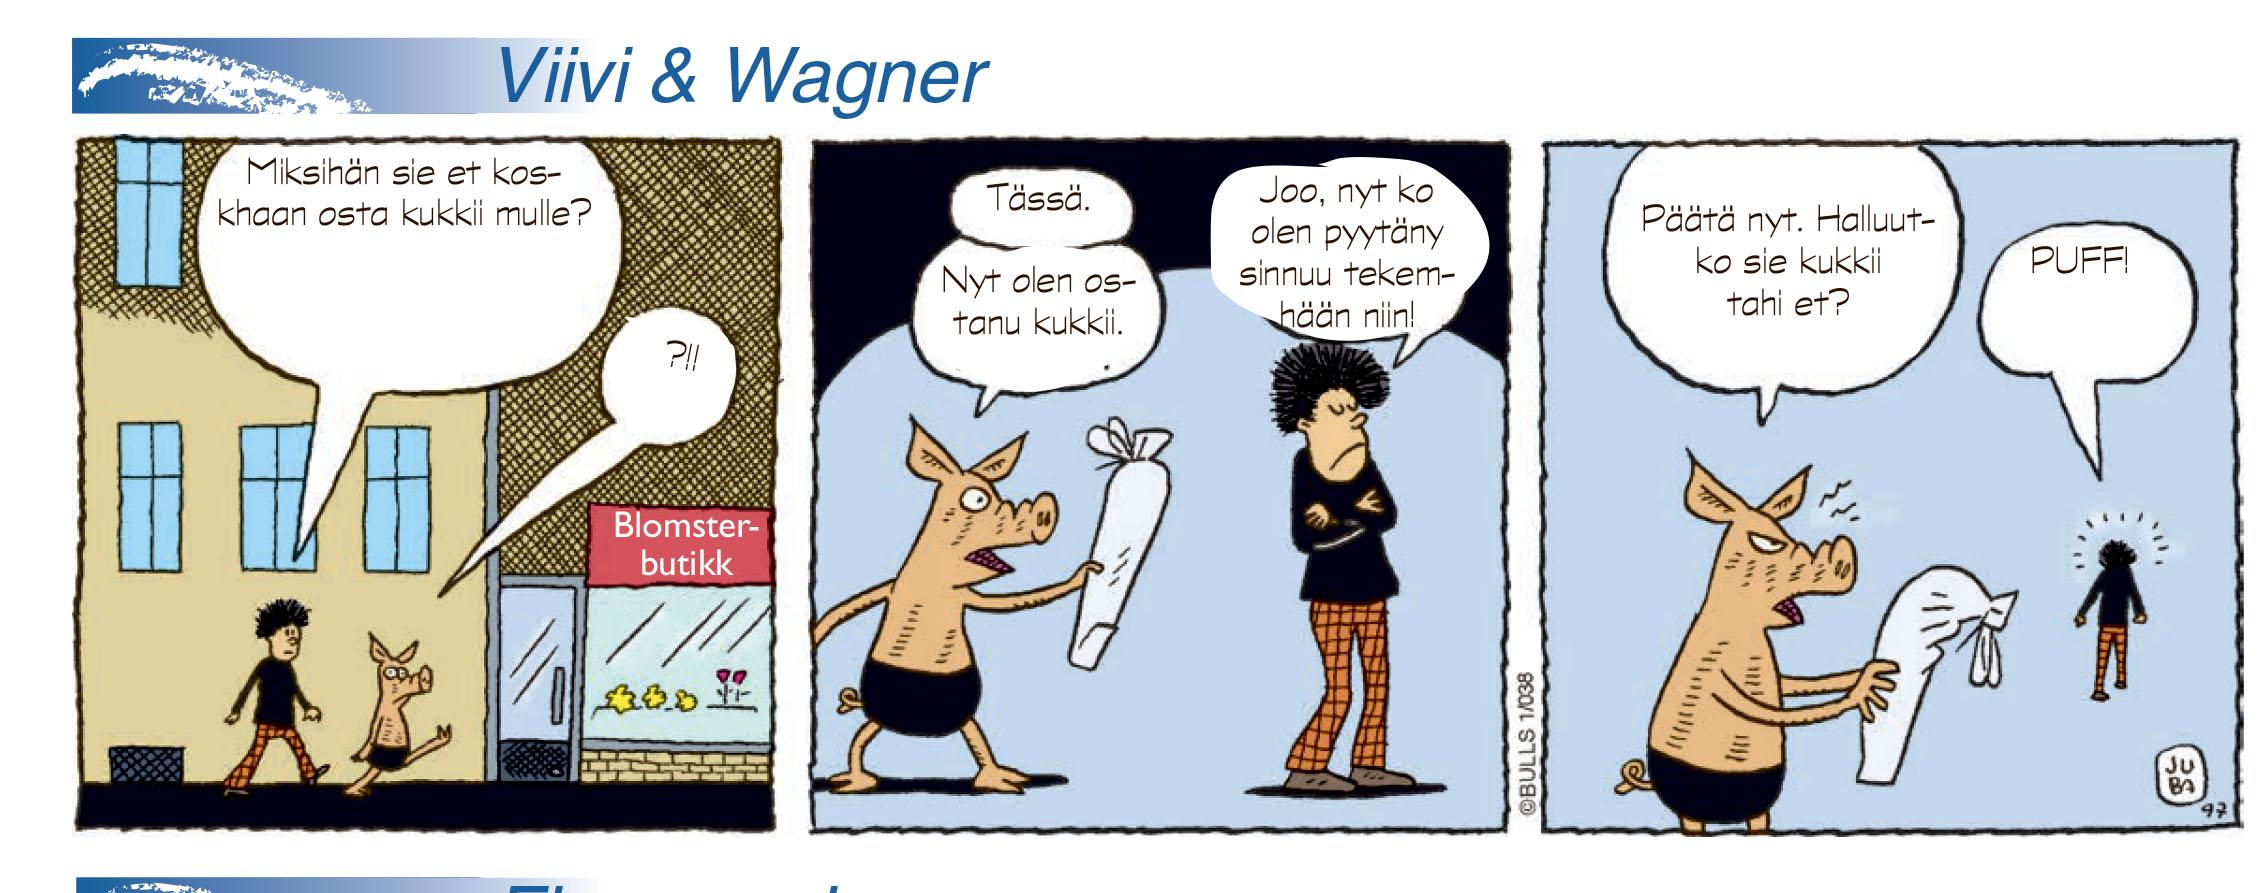 Viivi & Wagner (nr 6 -2015)